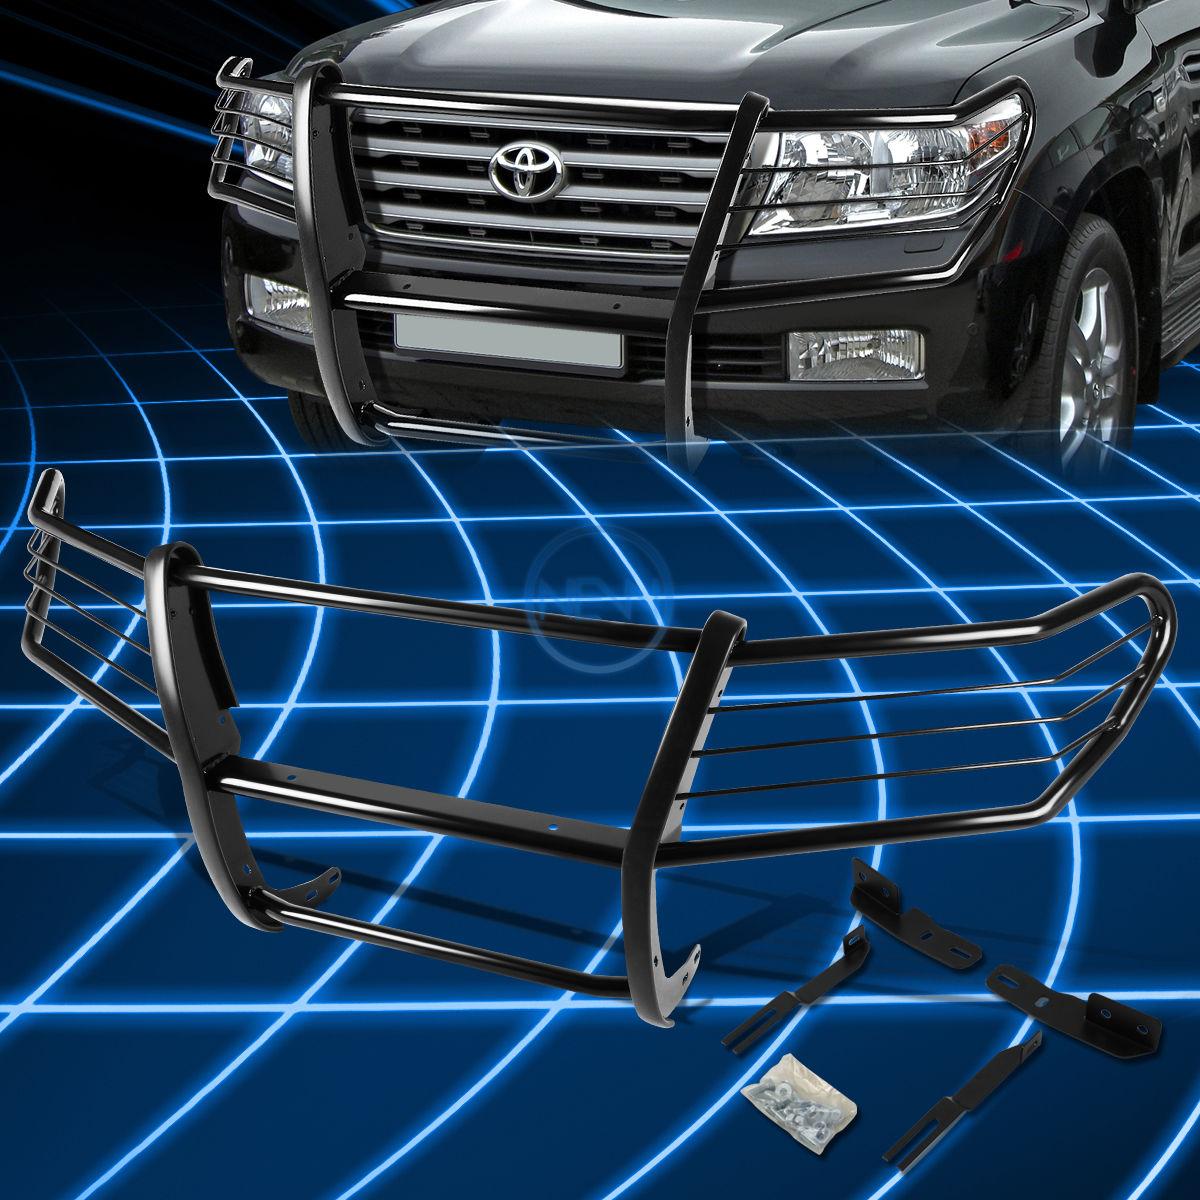 グリル ブラックブラシバンパープロテクターグリルガード2008-2015用ランドクルーザーJ200 SUV Black Brush Bumper Protector Grille Guard for 2008-2015 Land Cruiser J200 SUV